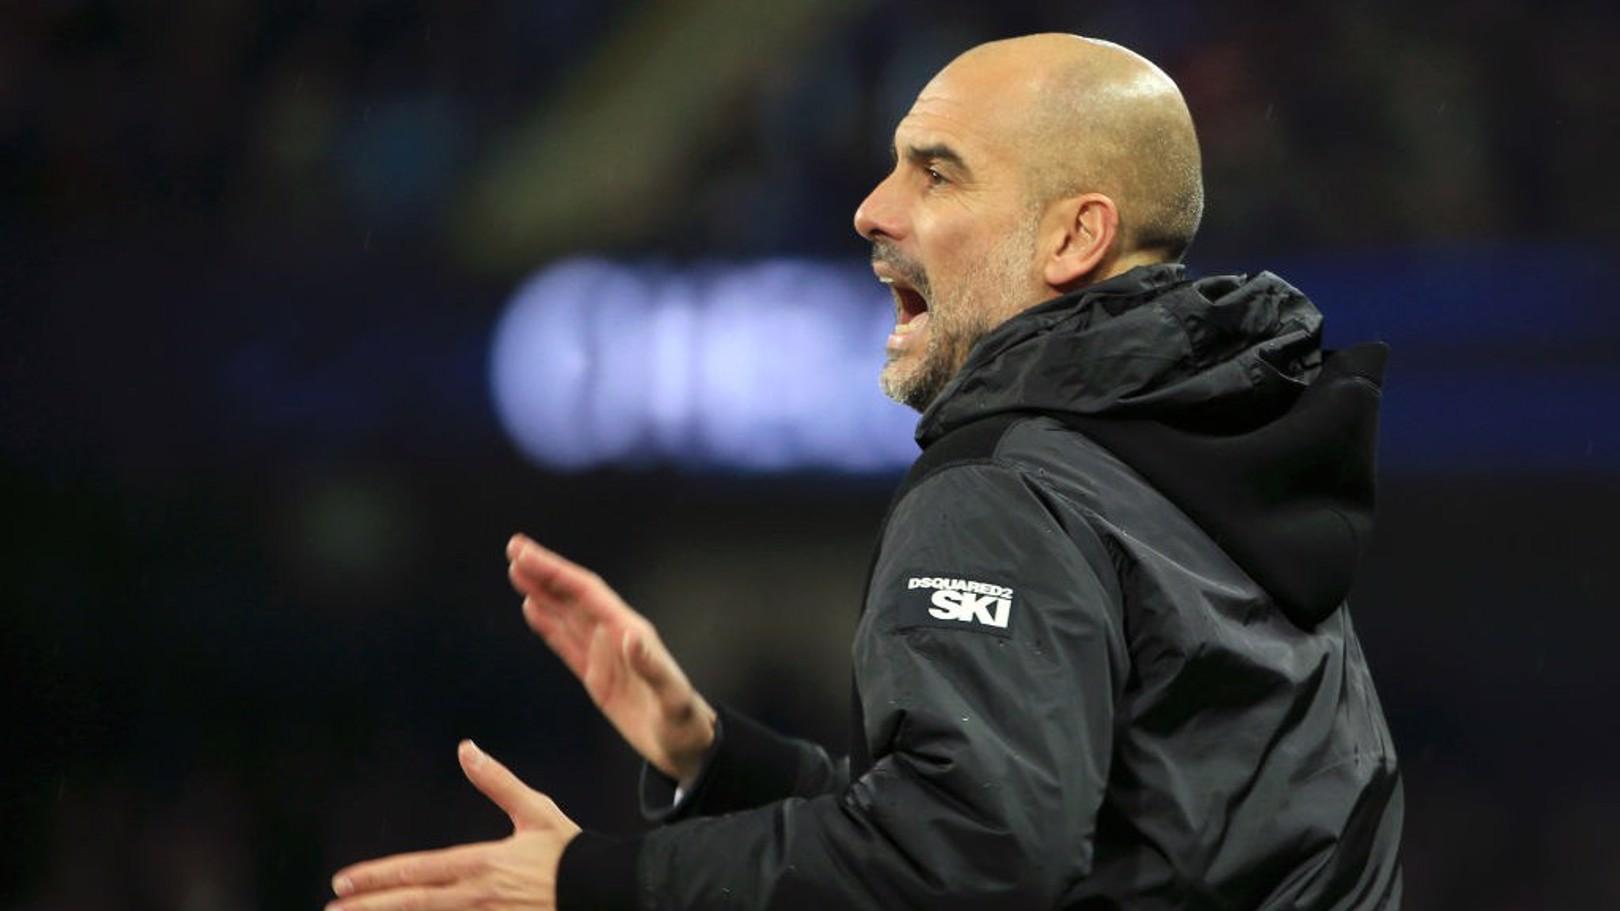 첼시 전 선수들을 독려하는 펩 과르디올라 감독